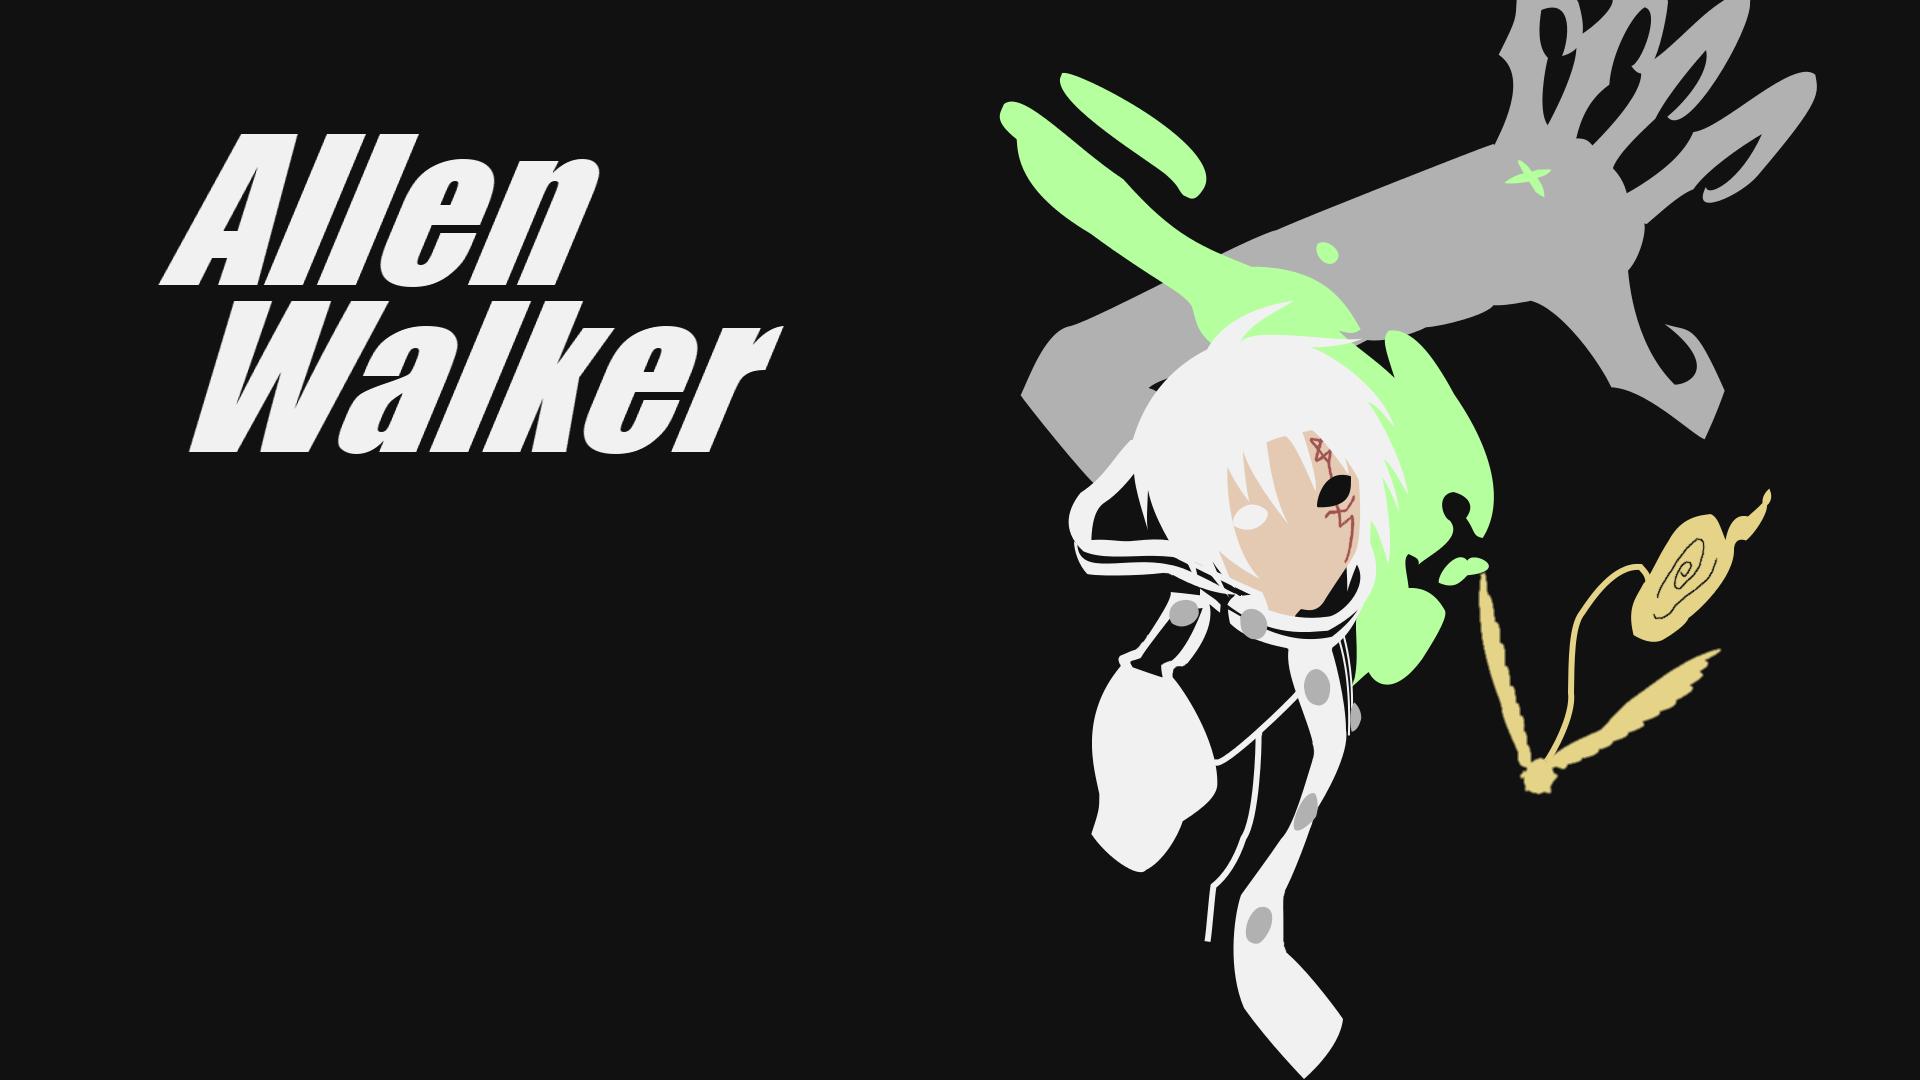 Allen Walker Background by Pistoltc. - Walker PNG HD